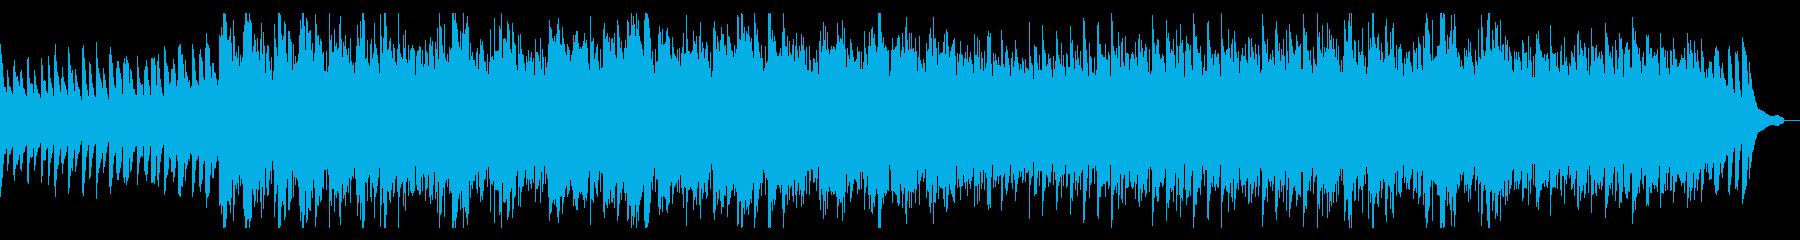 癒し・リフレッシュの再生済みの波形